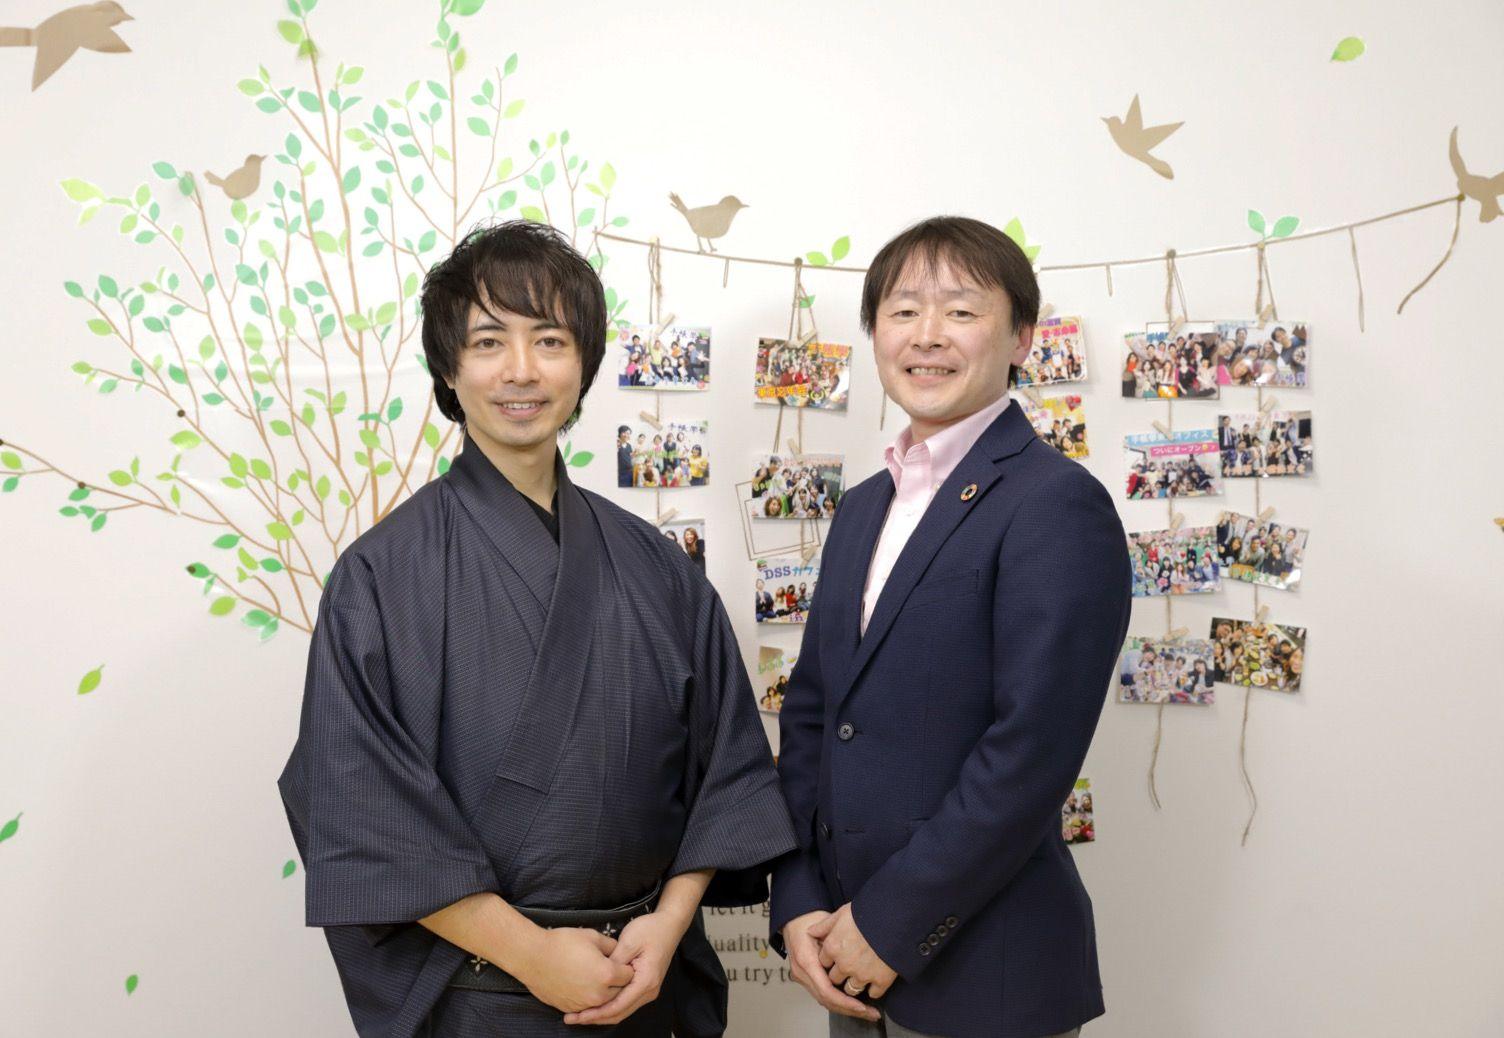 手帳學開発者 山本智章 VS シックスセカンズジャパン株式会社 三森朋宏氏